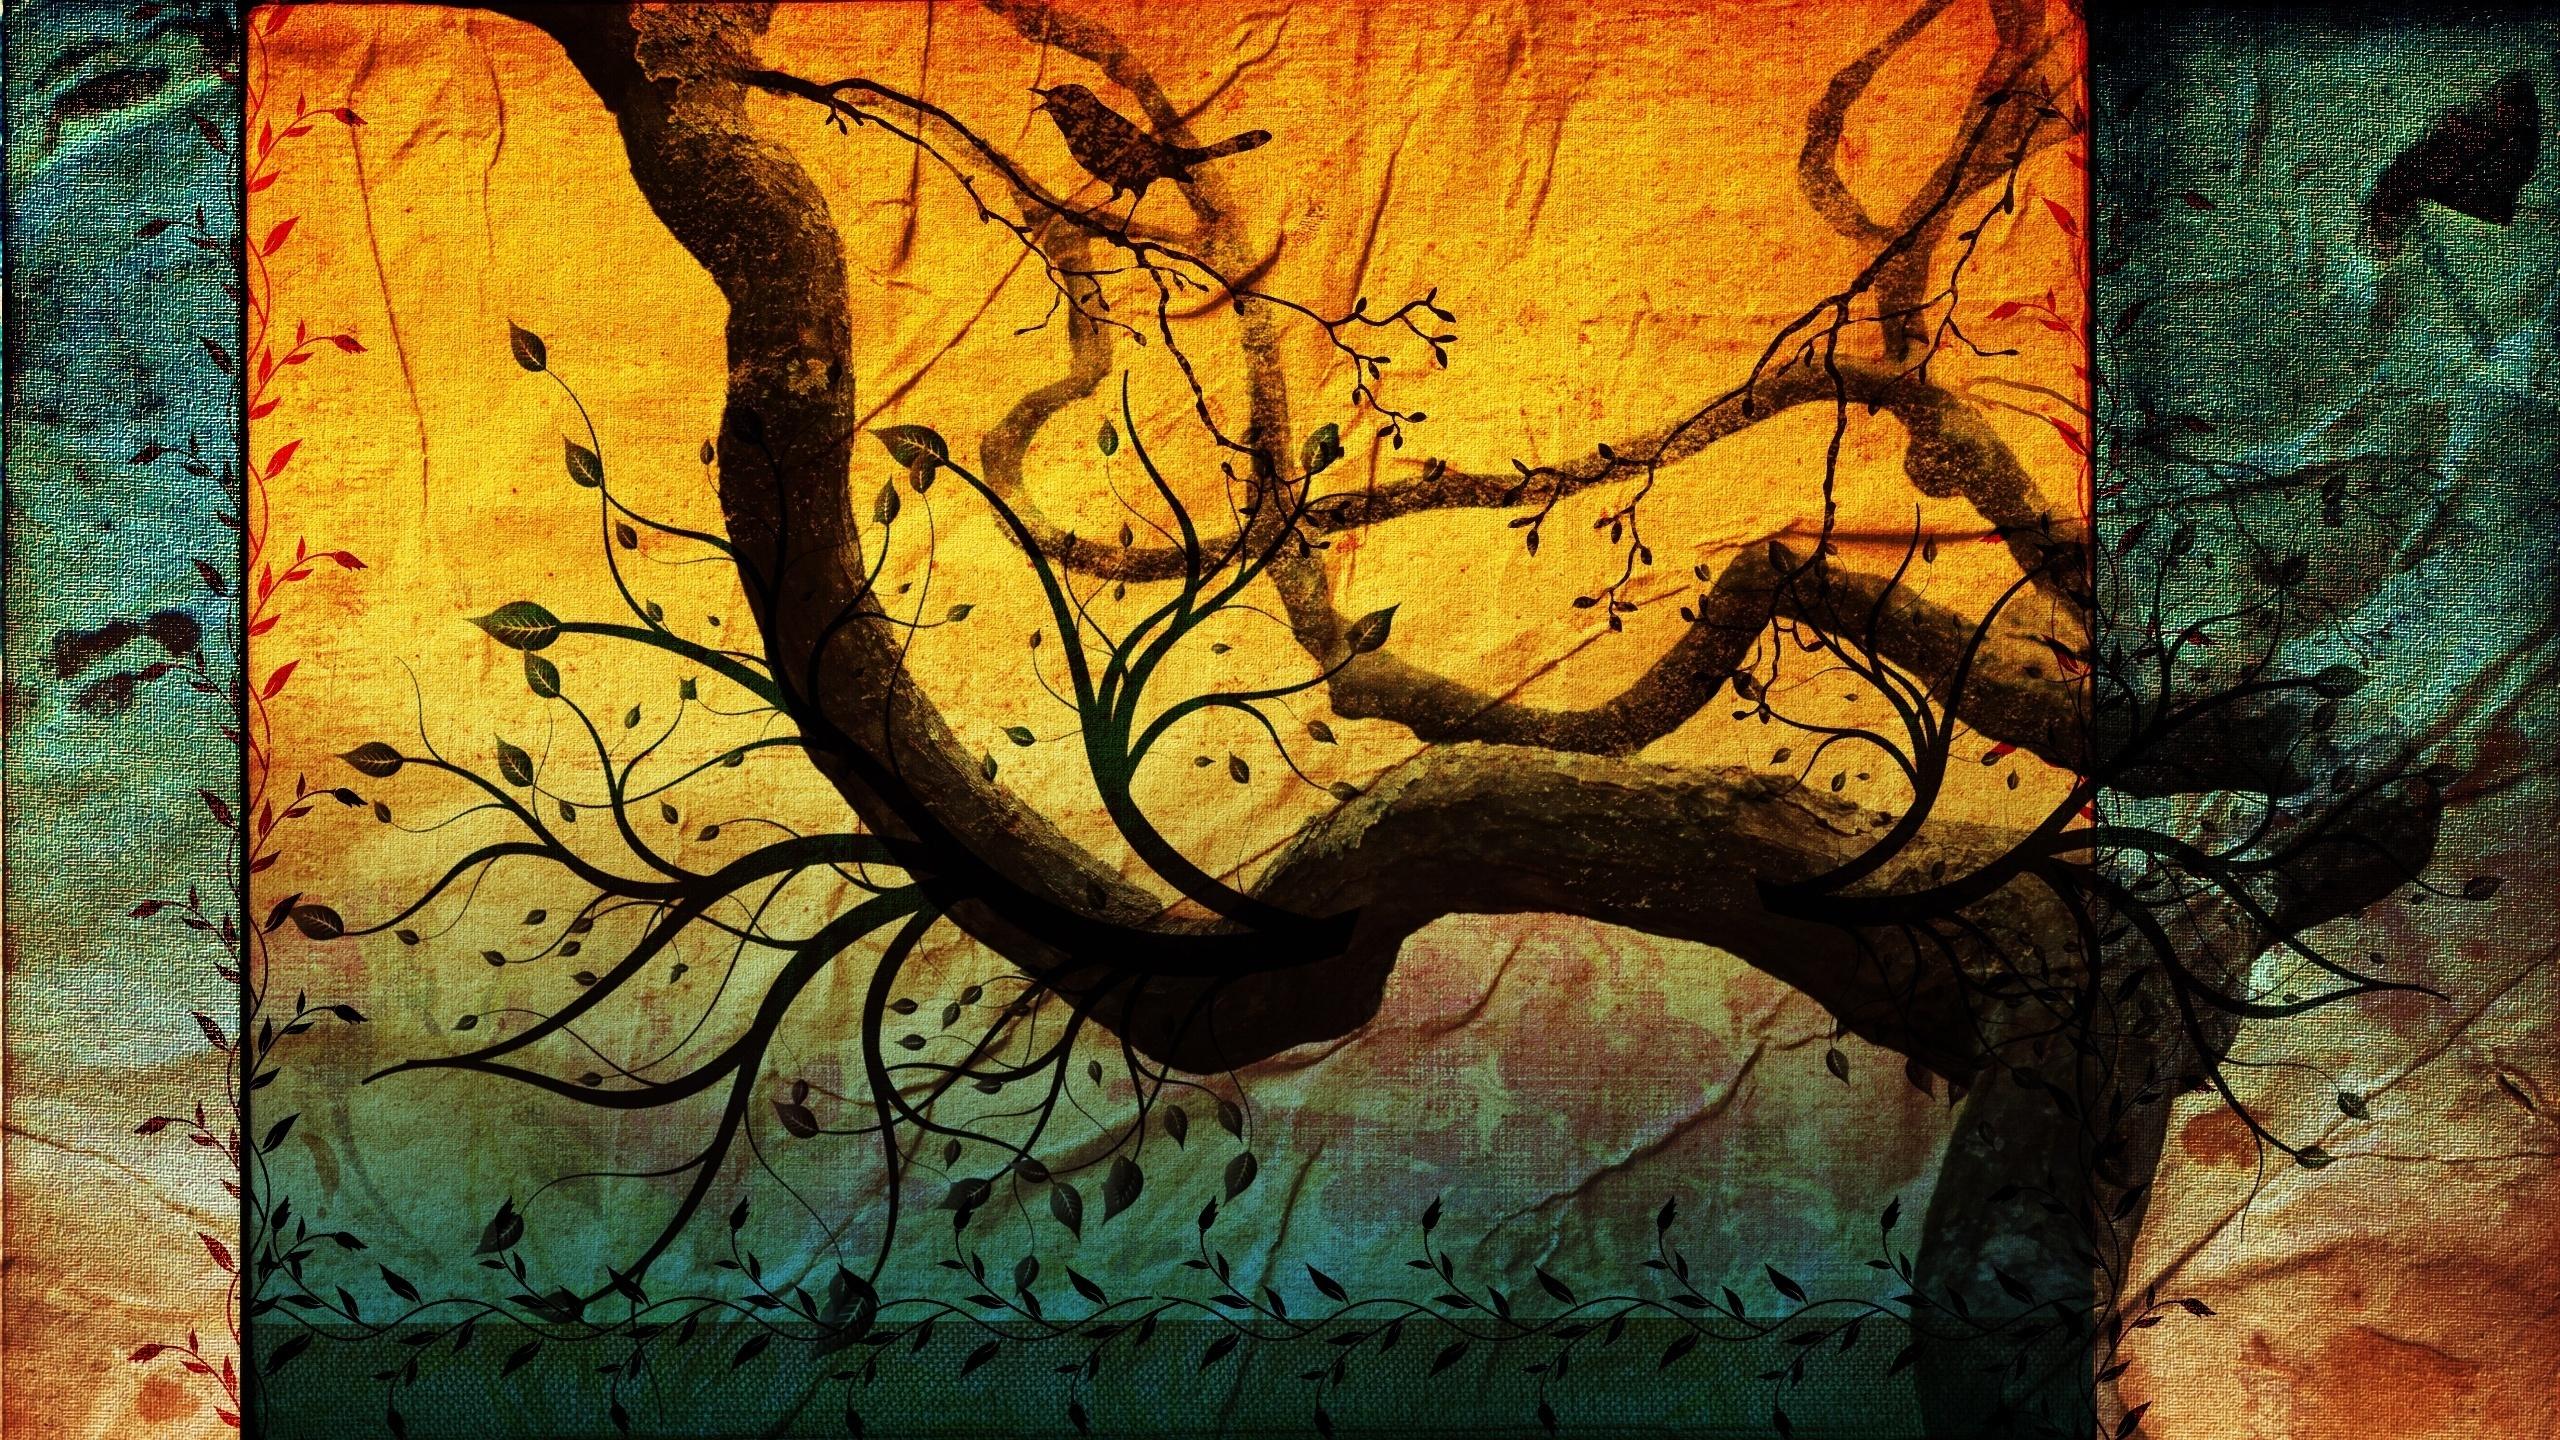 Скачать картинку Деревья, Фон, Рисунки в телефон бесплатно.